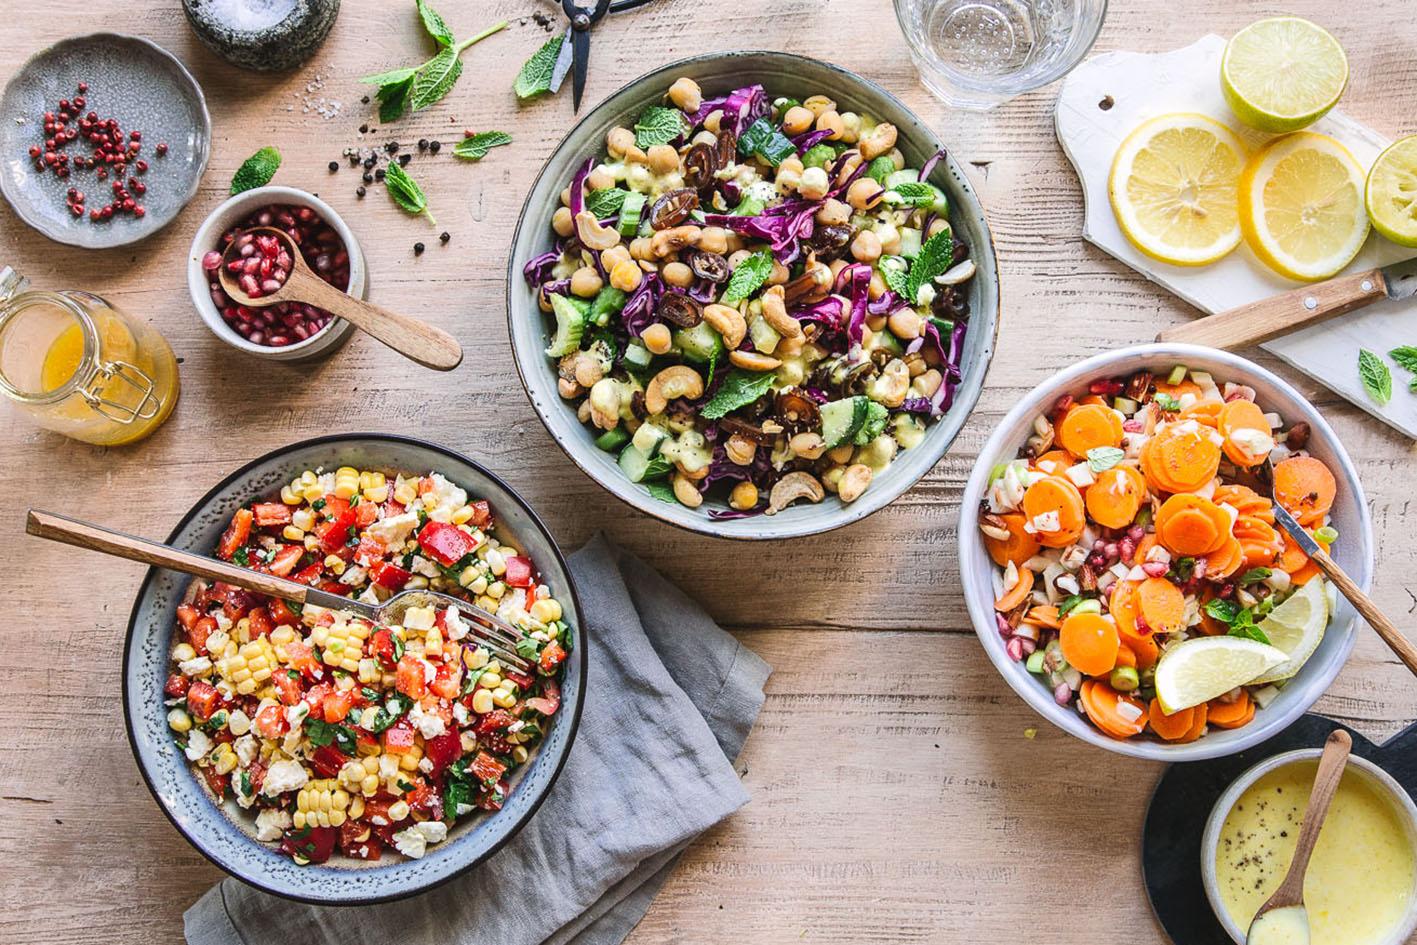 Drei Grillsalate in Schüsseln mit Zutaten auf Holztisch